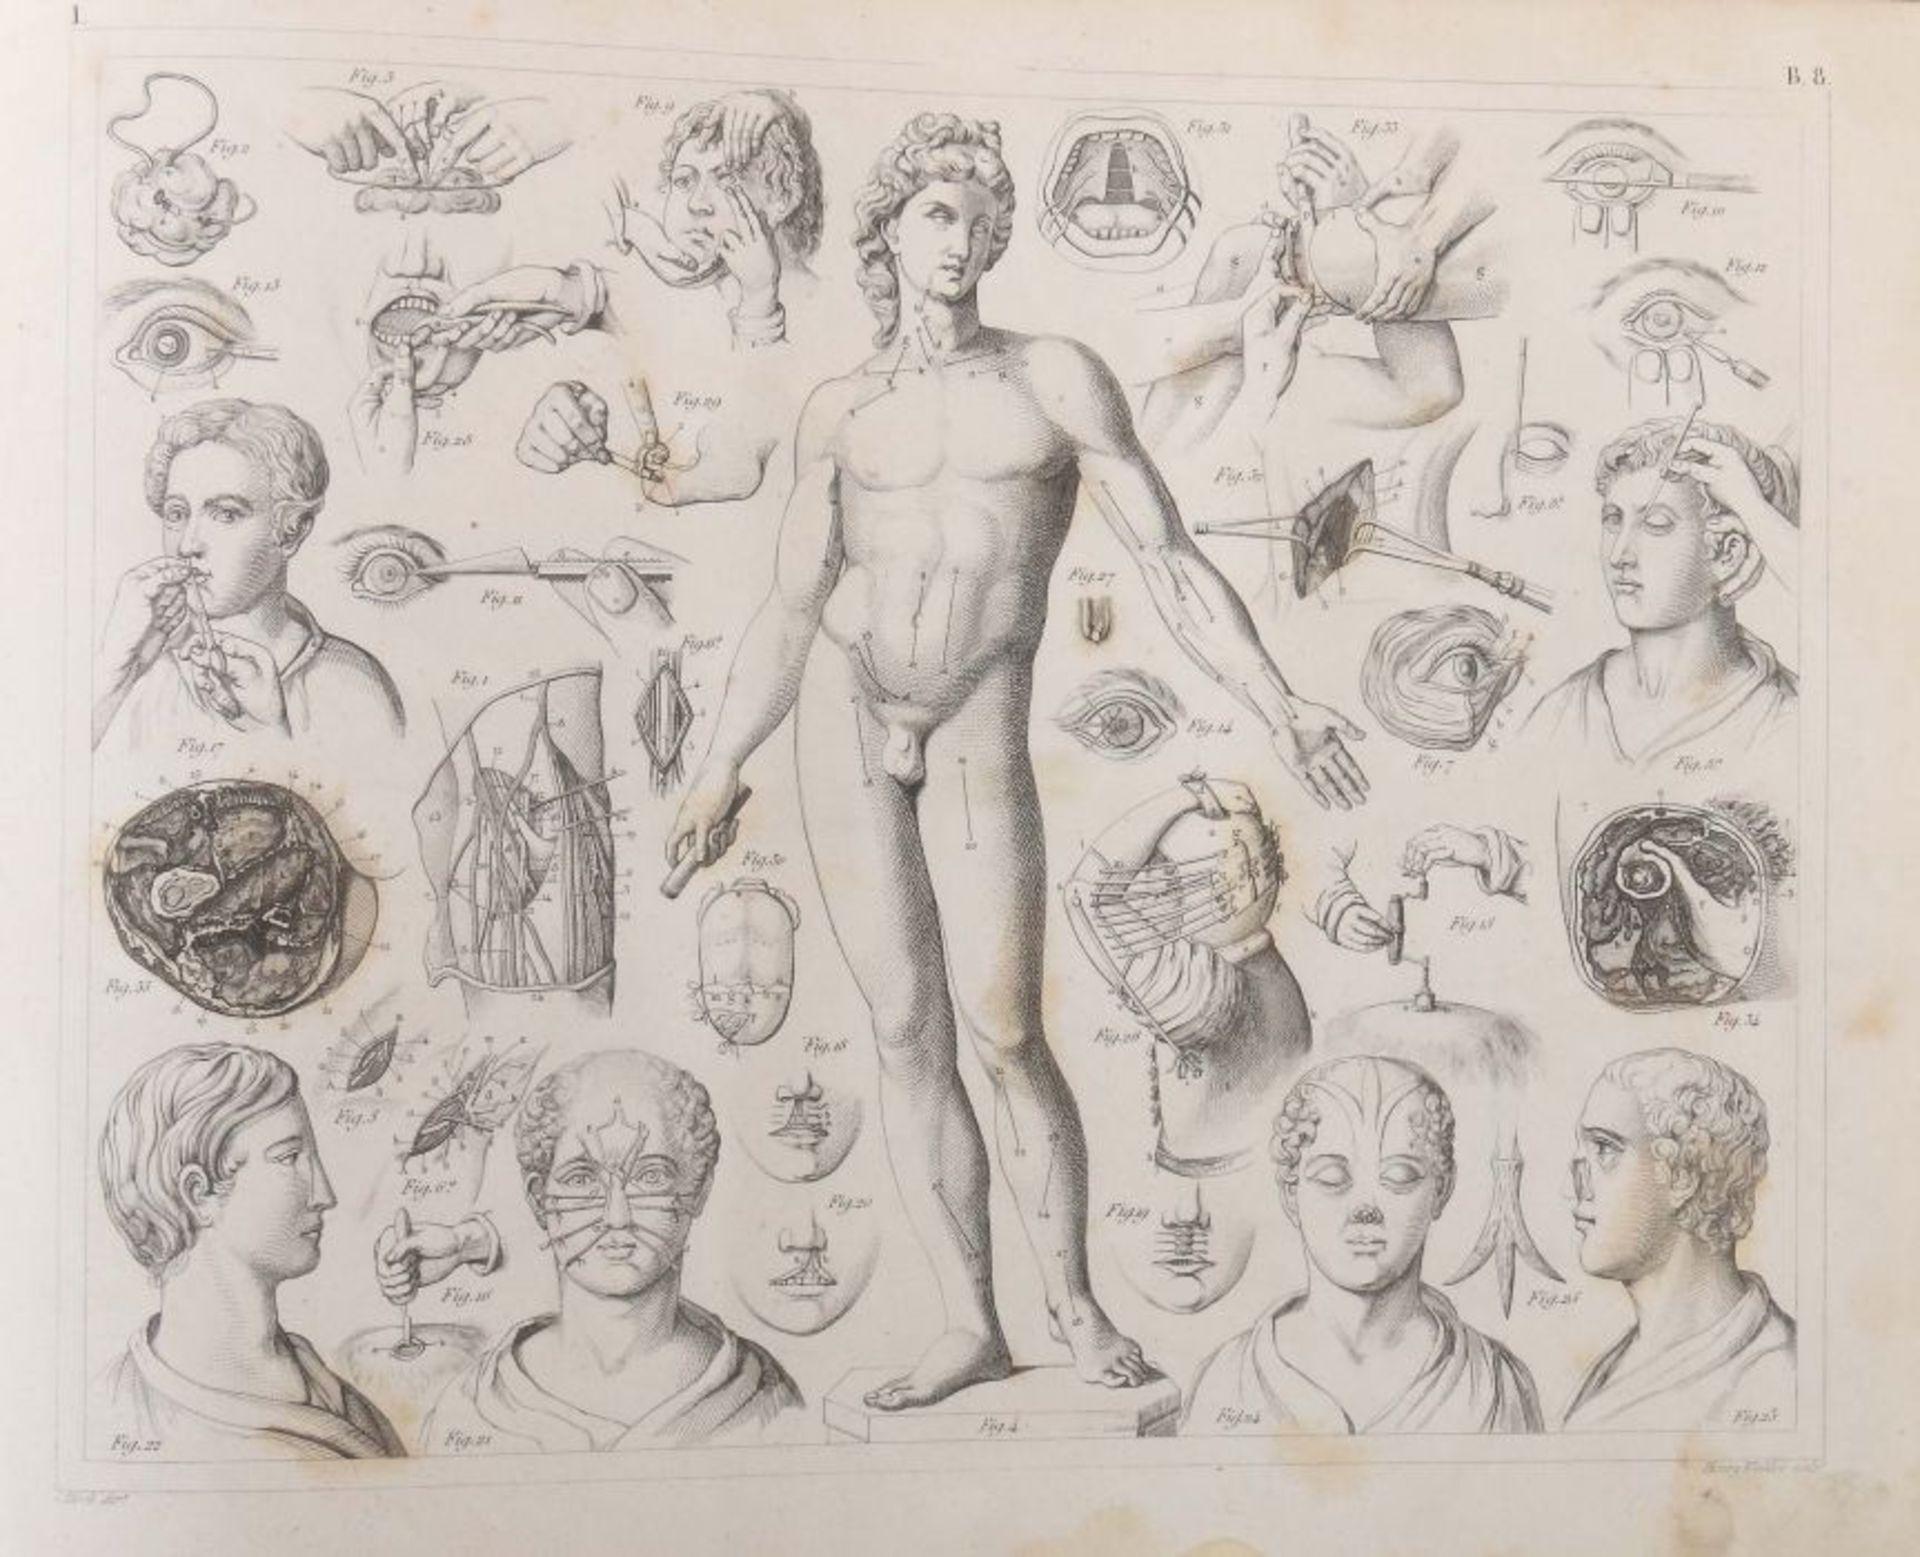 Heck, Johann Georg (bearb.) Bilder-Atlas zum Conversations-Lexikon - Ikonographische Encyklopädie - Bild 7 aus 7